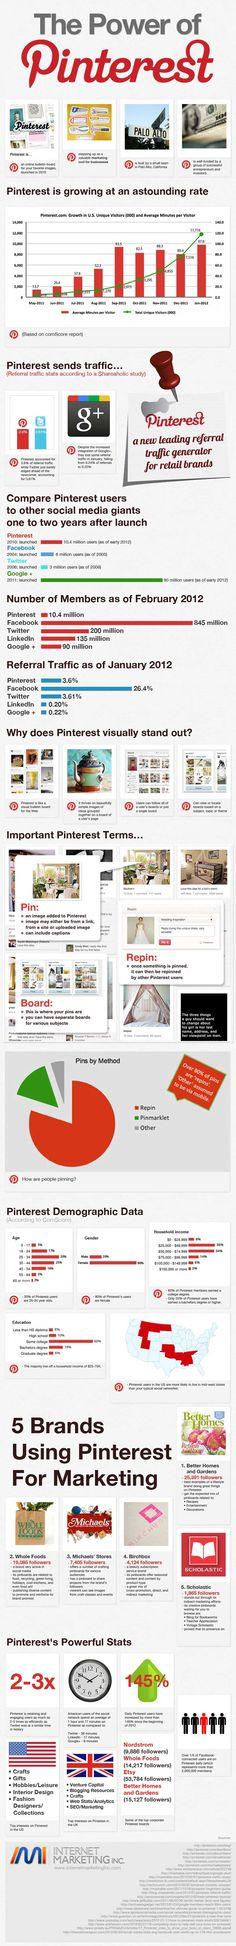 O poder do Pinterest. Saiba mais sobre o Pinterest e como utilizá-lo para alavancar sua marca: http://www.slideshare.net/humanslide/o-que-epinterest-11992849